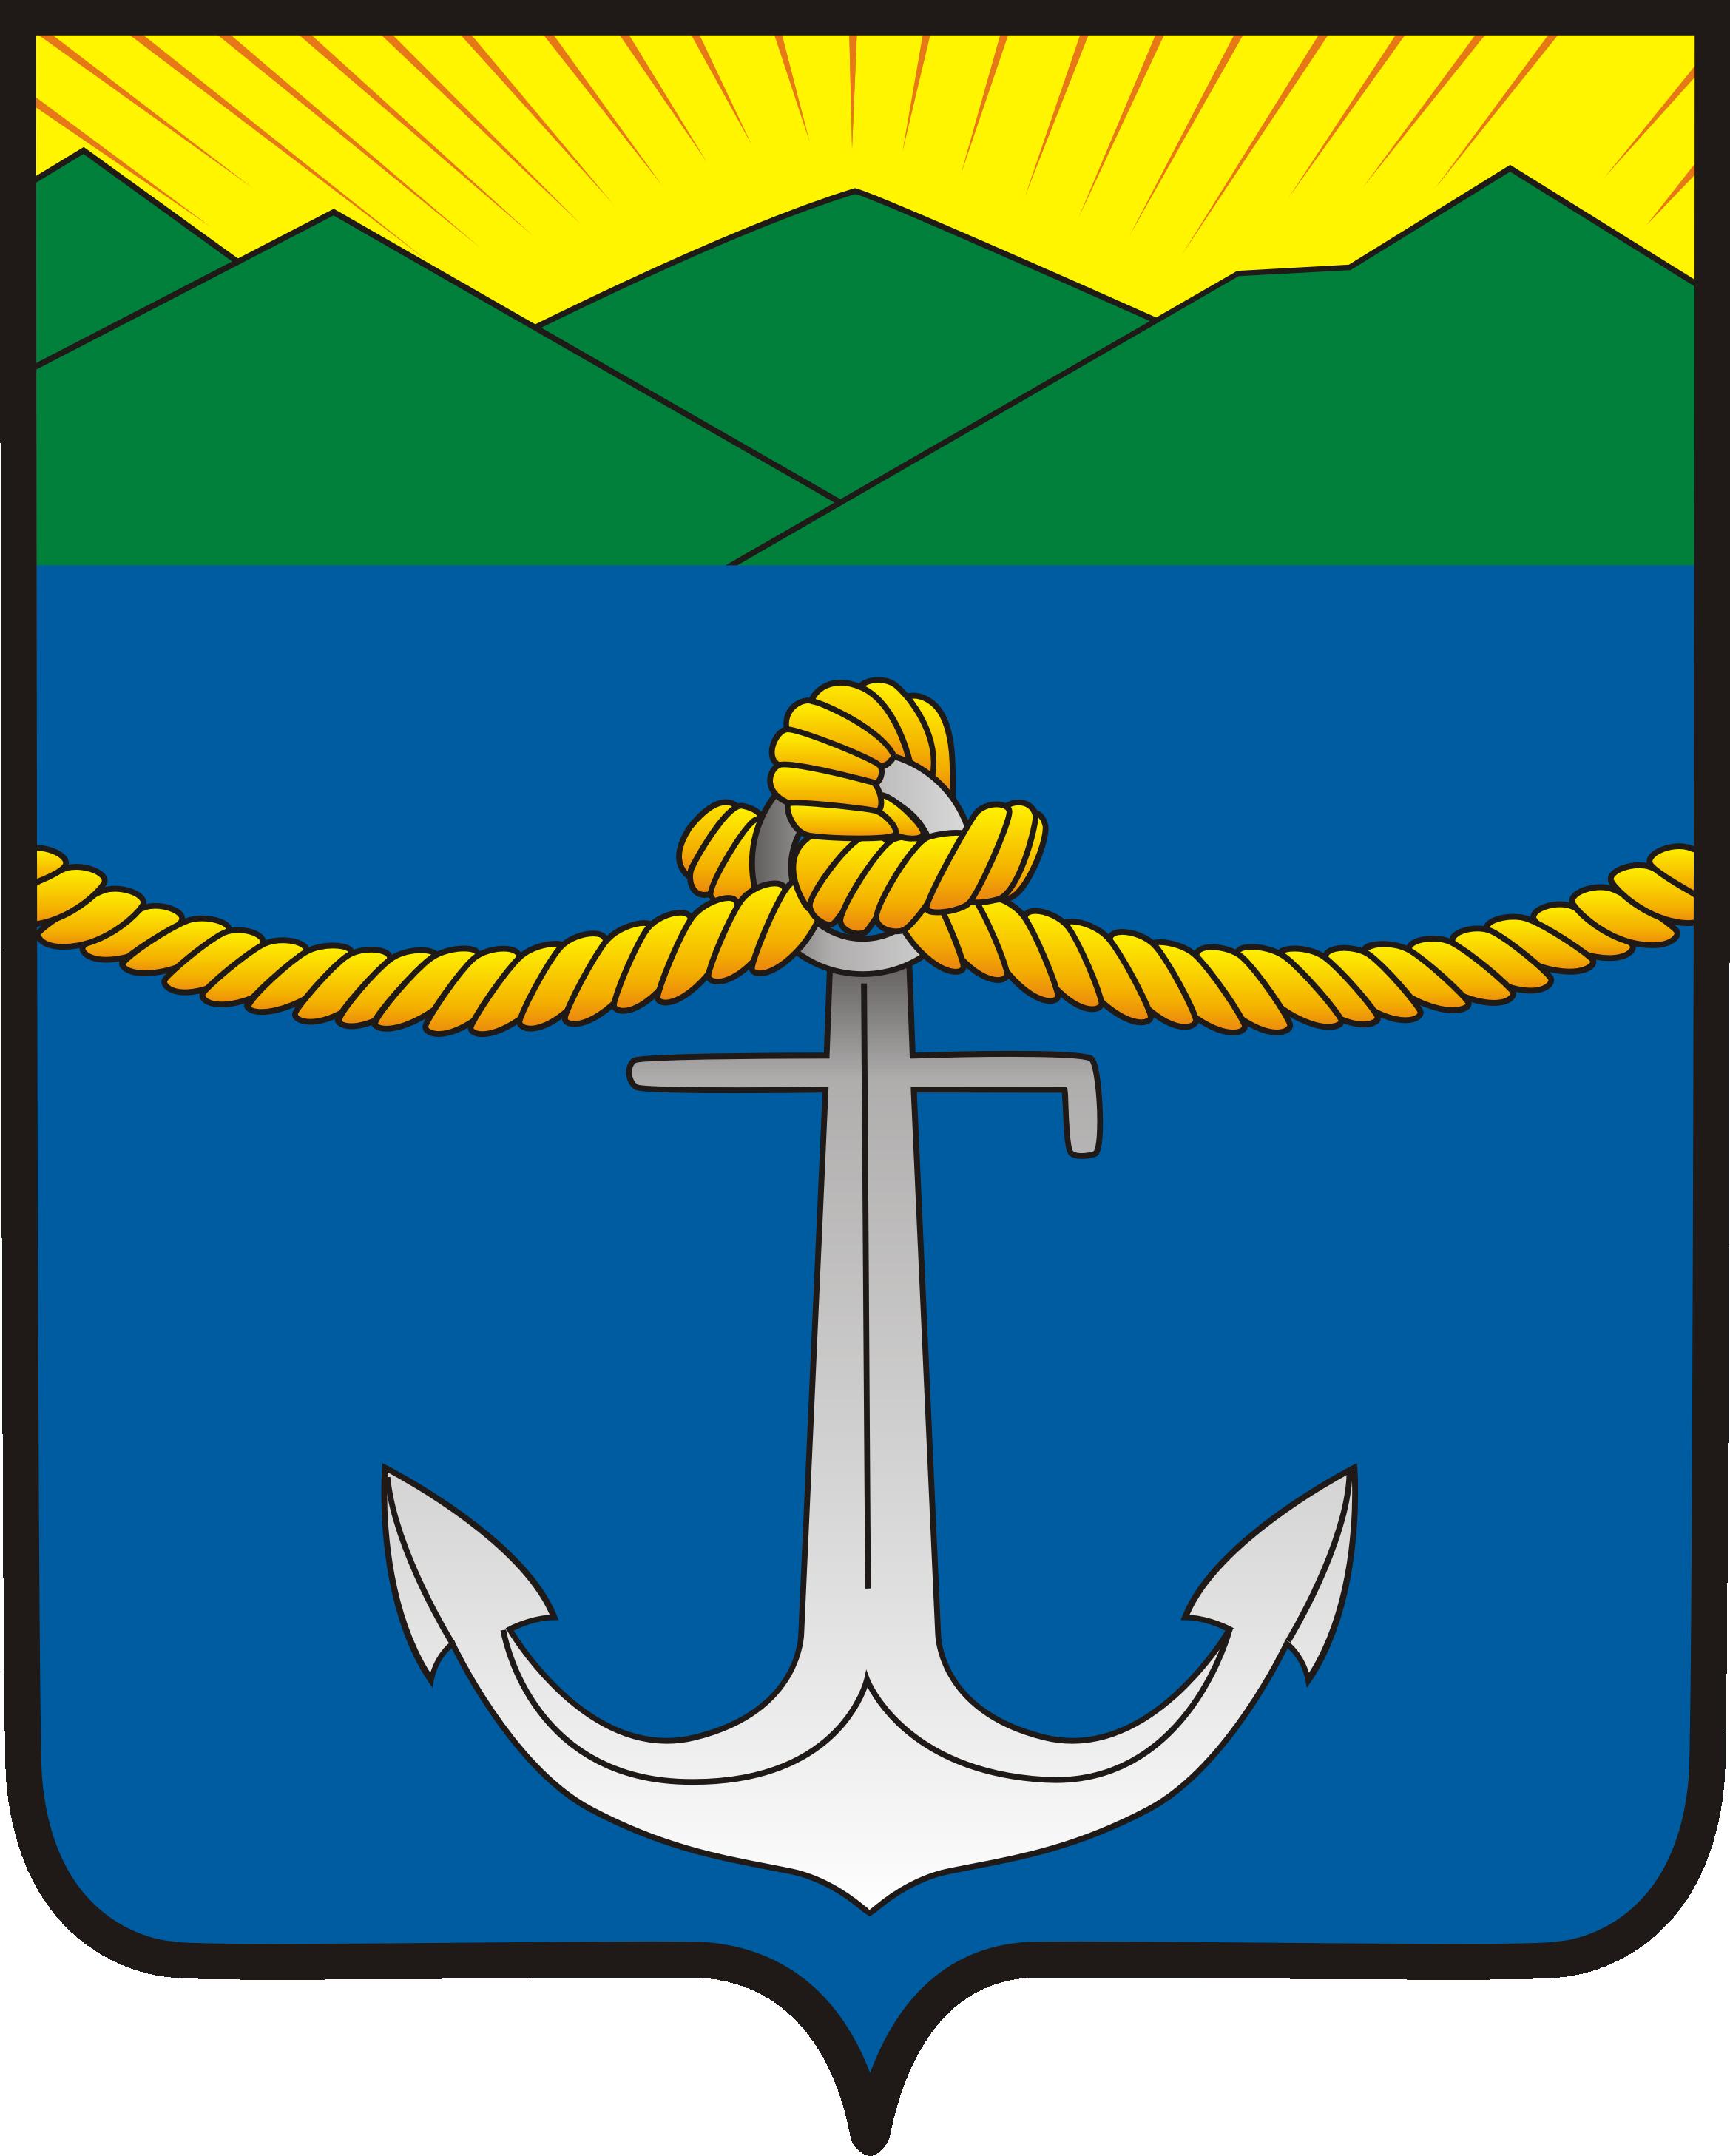 герб Холмского городского округа